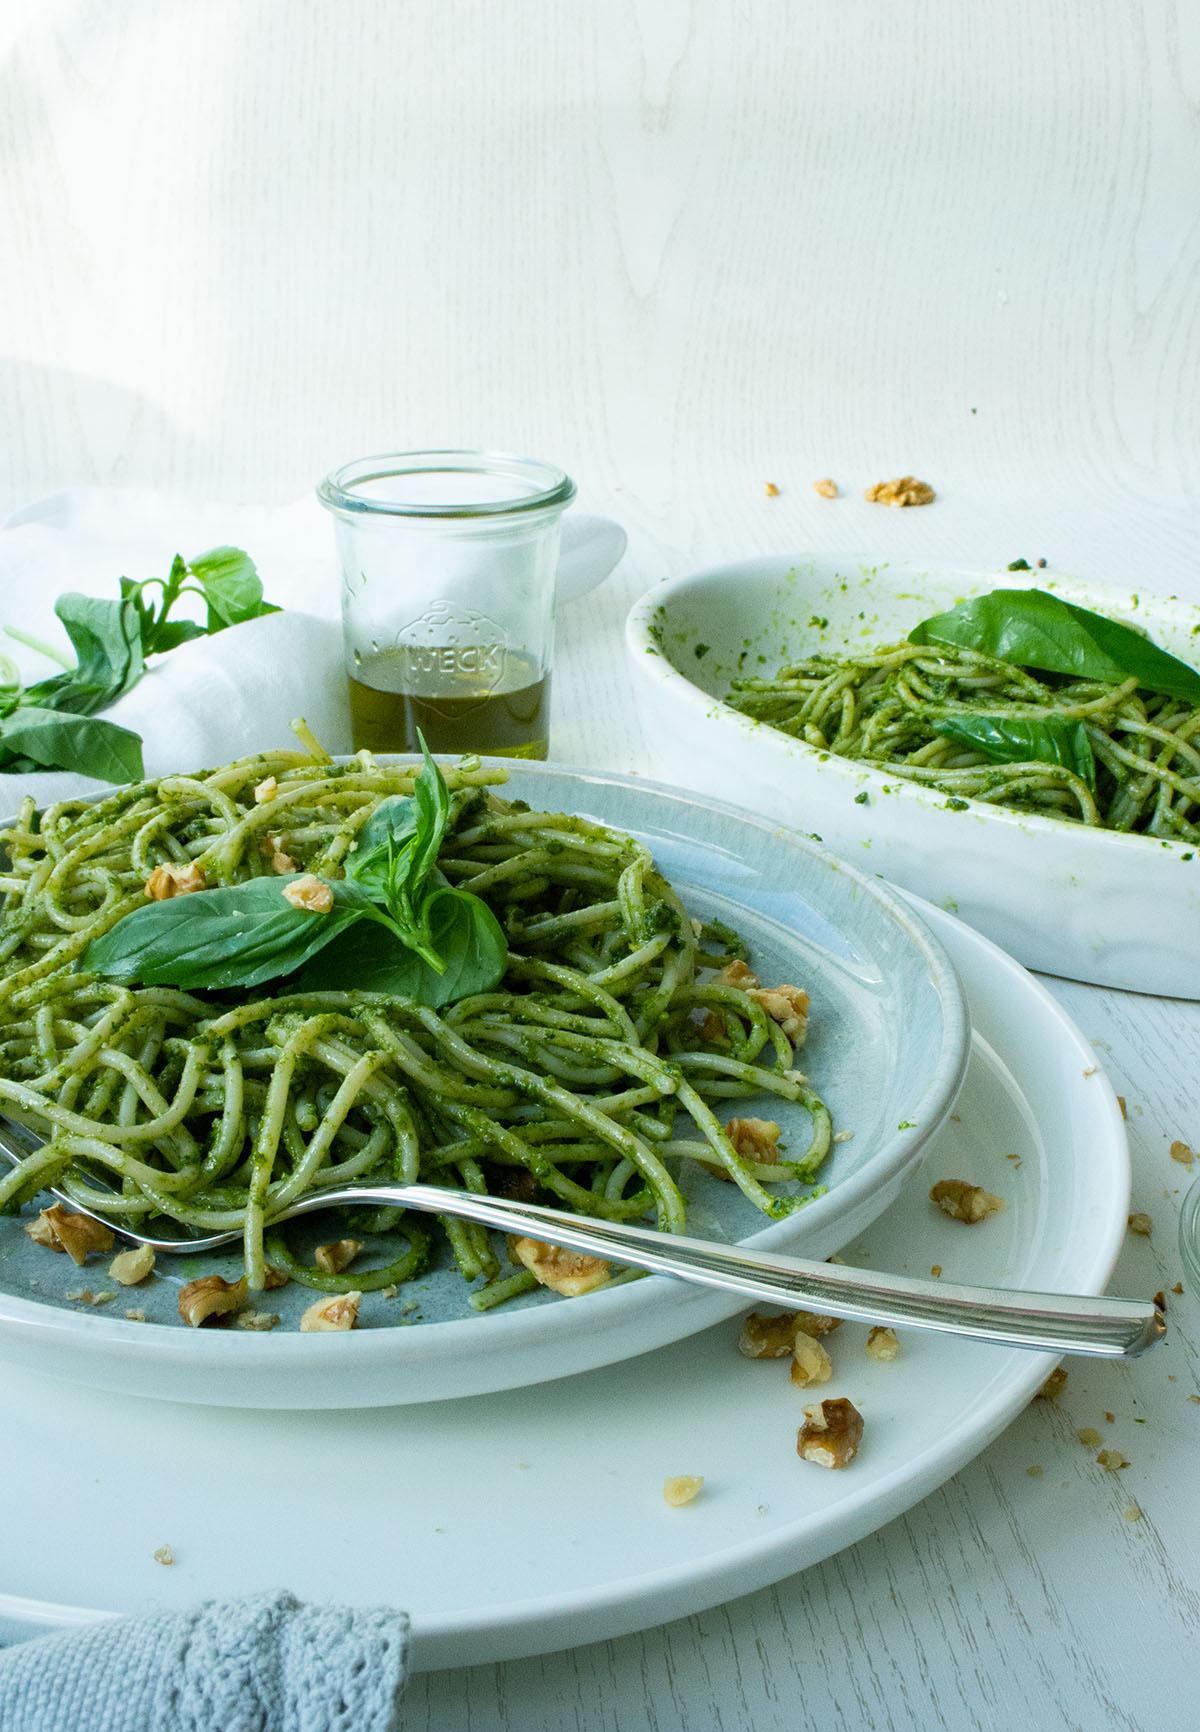 Spaghetti mit veganem laktosefreien Basilikumpesto auf einem grauen Teller mit WMF Besteck